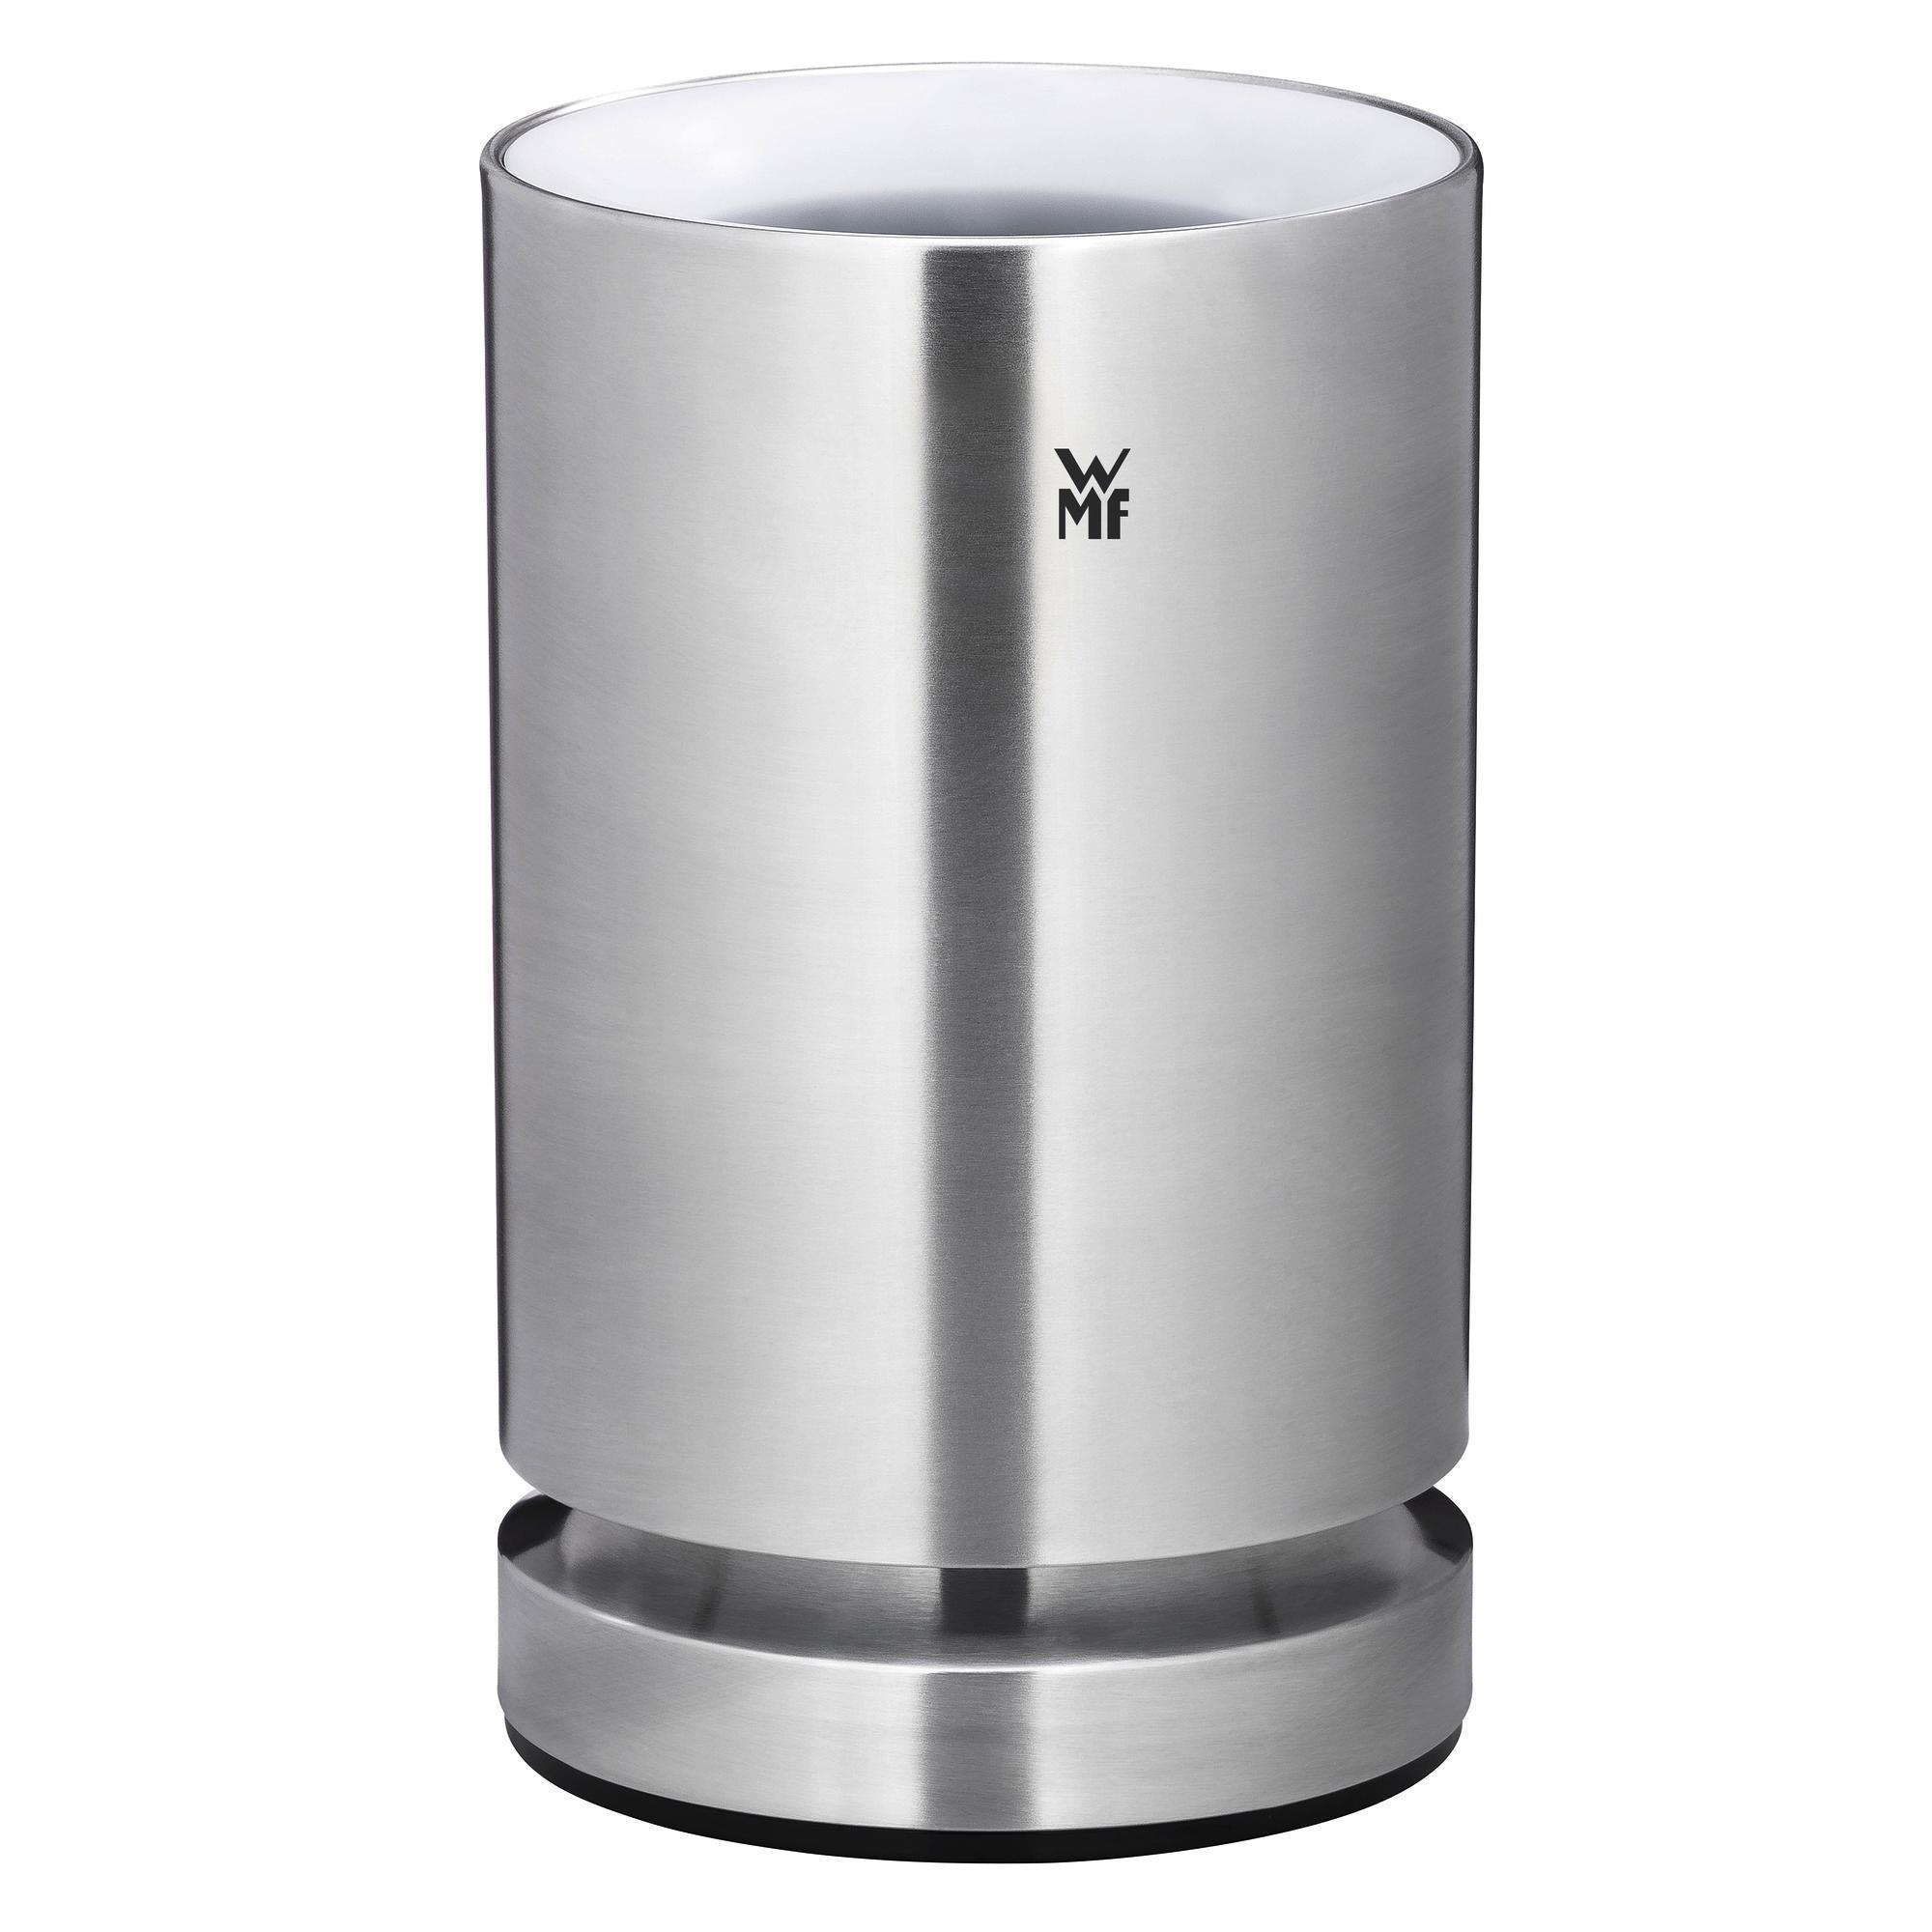 Heimelektronik Zubehör Unterhaltungselektronik Honig Mikrofon Halter Mikrofon Stand Tisch Ständer Mikrofon Mic Tisch Stand Stand Halter Mit Clamp HöChste Bequemlichkeit